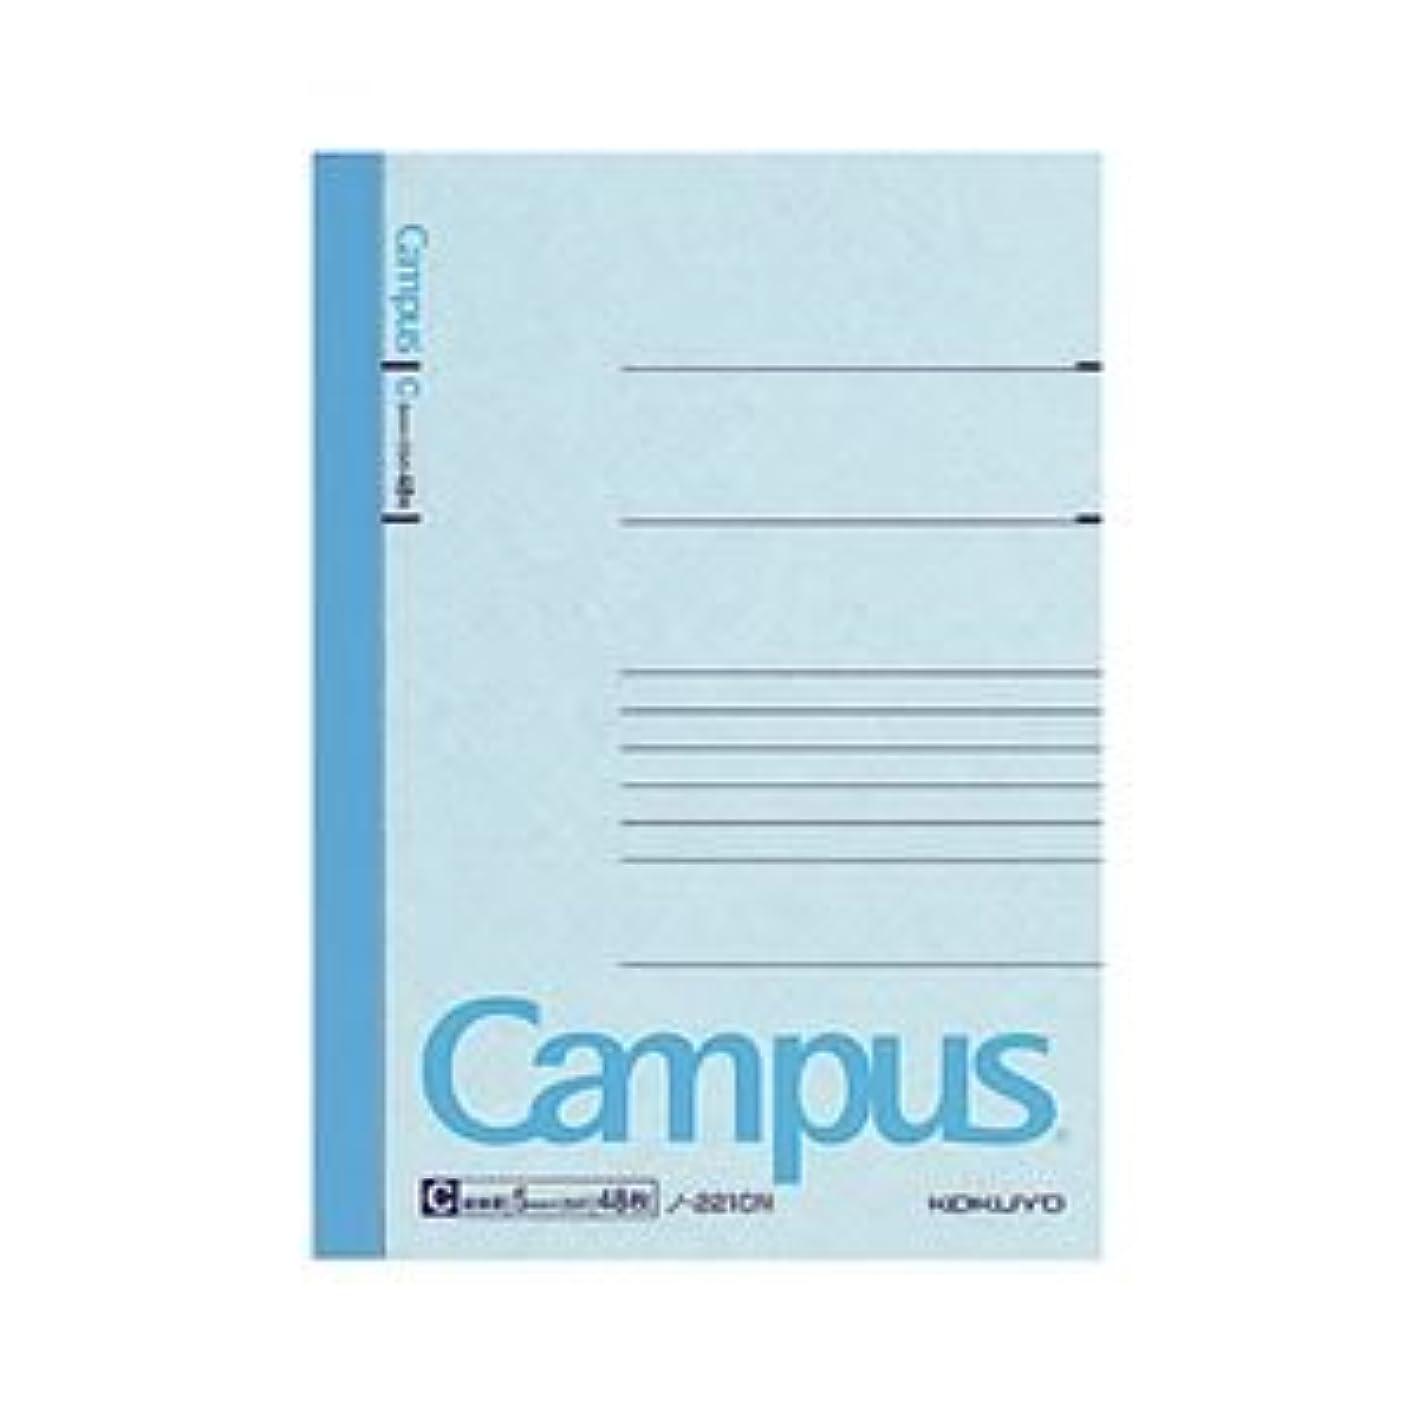 (まとめ) コクヨ キャンパスノート(細横罫) A6 C罫 48枚 ノ-221CN 1冊 【×20セット】 〈簡易梱包